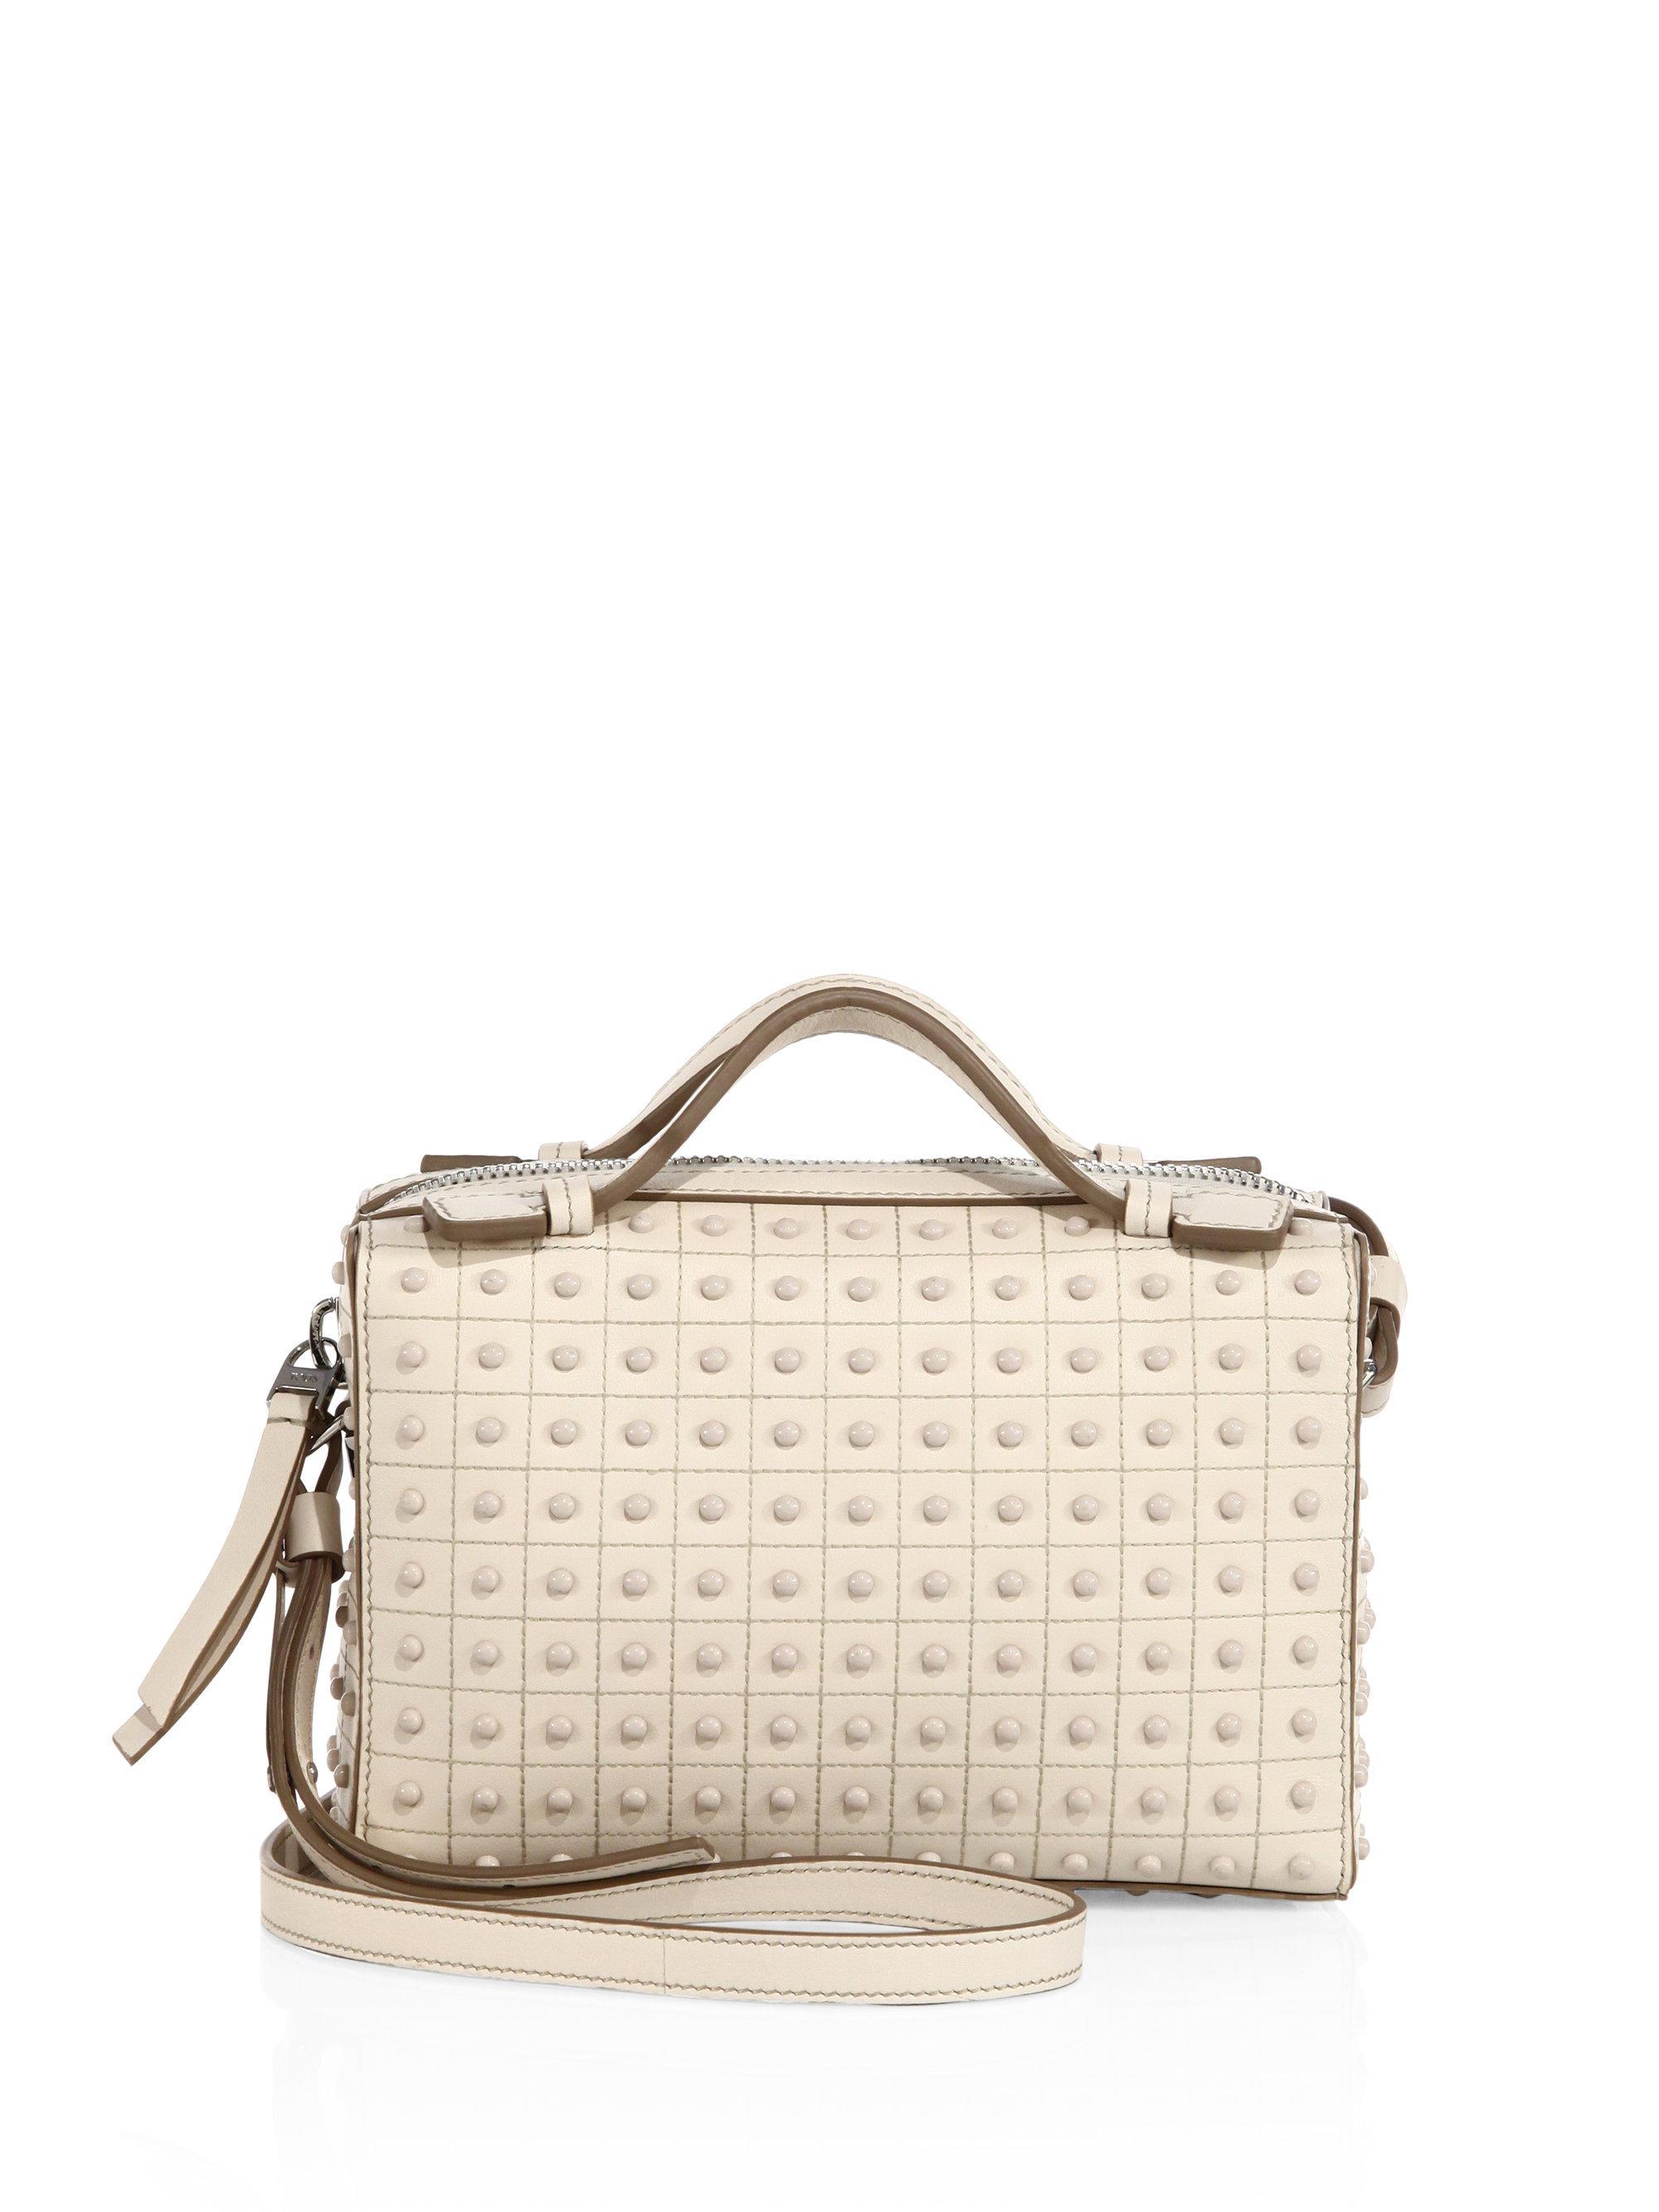 Gommino leather shoulder bag Tod's 0mPoh95STj